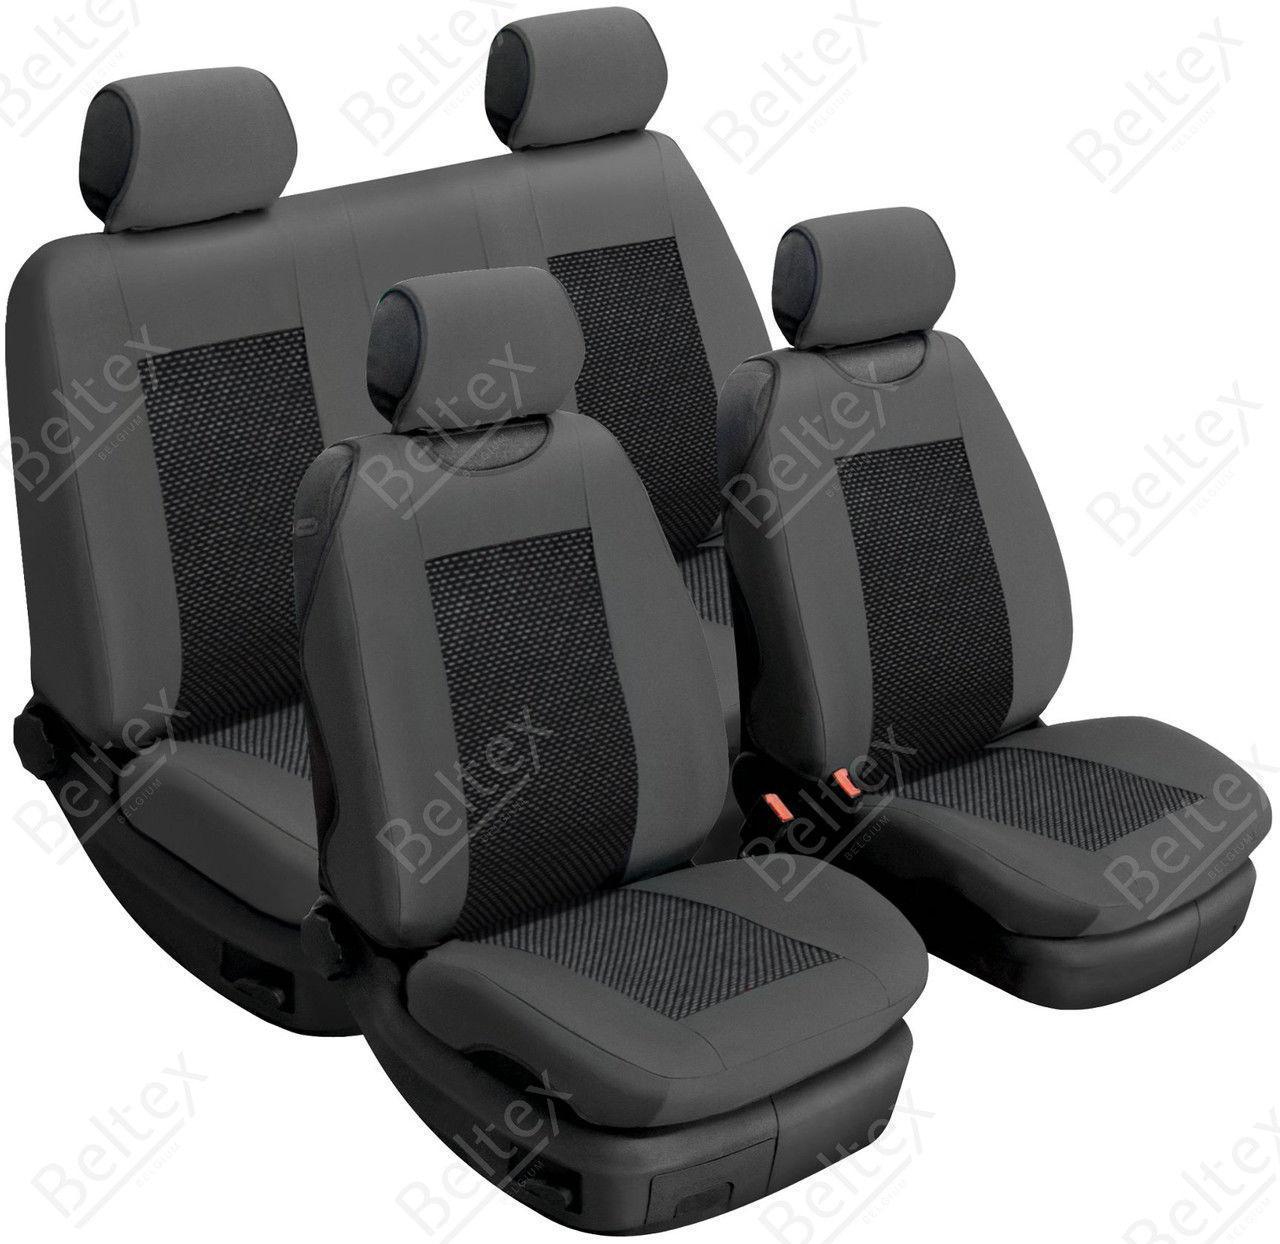 Майки/чехлы на сиденья Сеат Леон 2 (Seat Leon II)